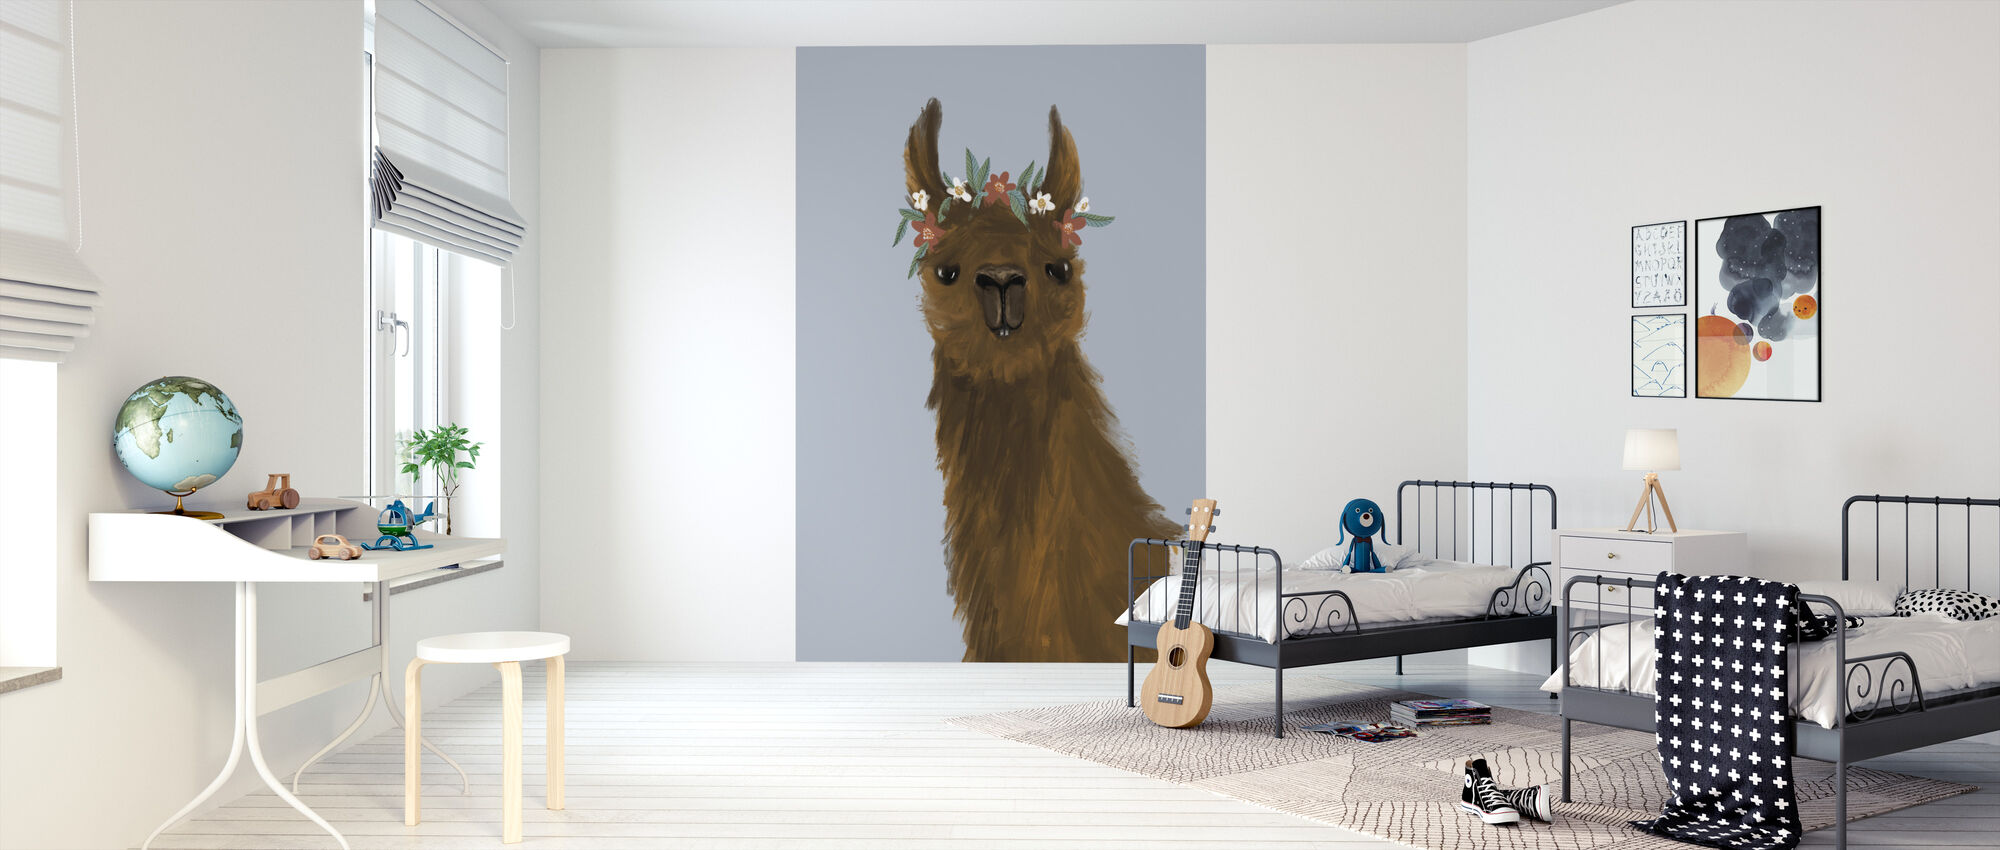 Delightful Alpacas II - Wallpaper - Kids Room